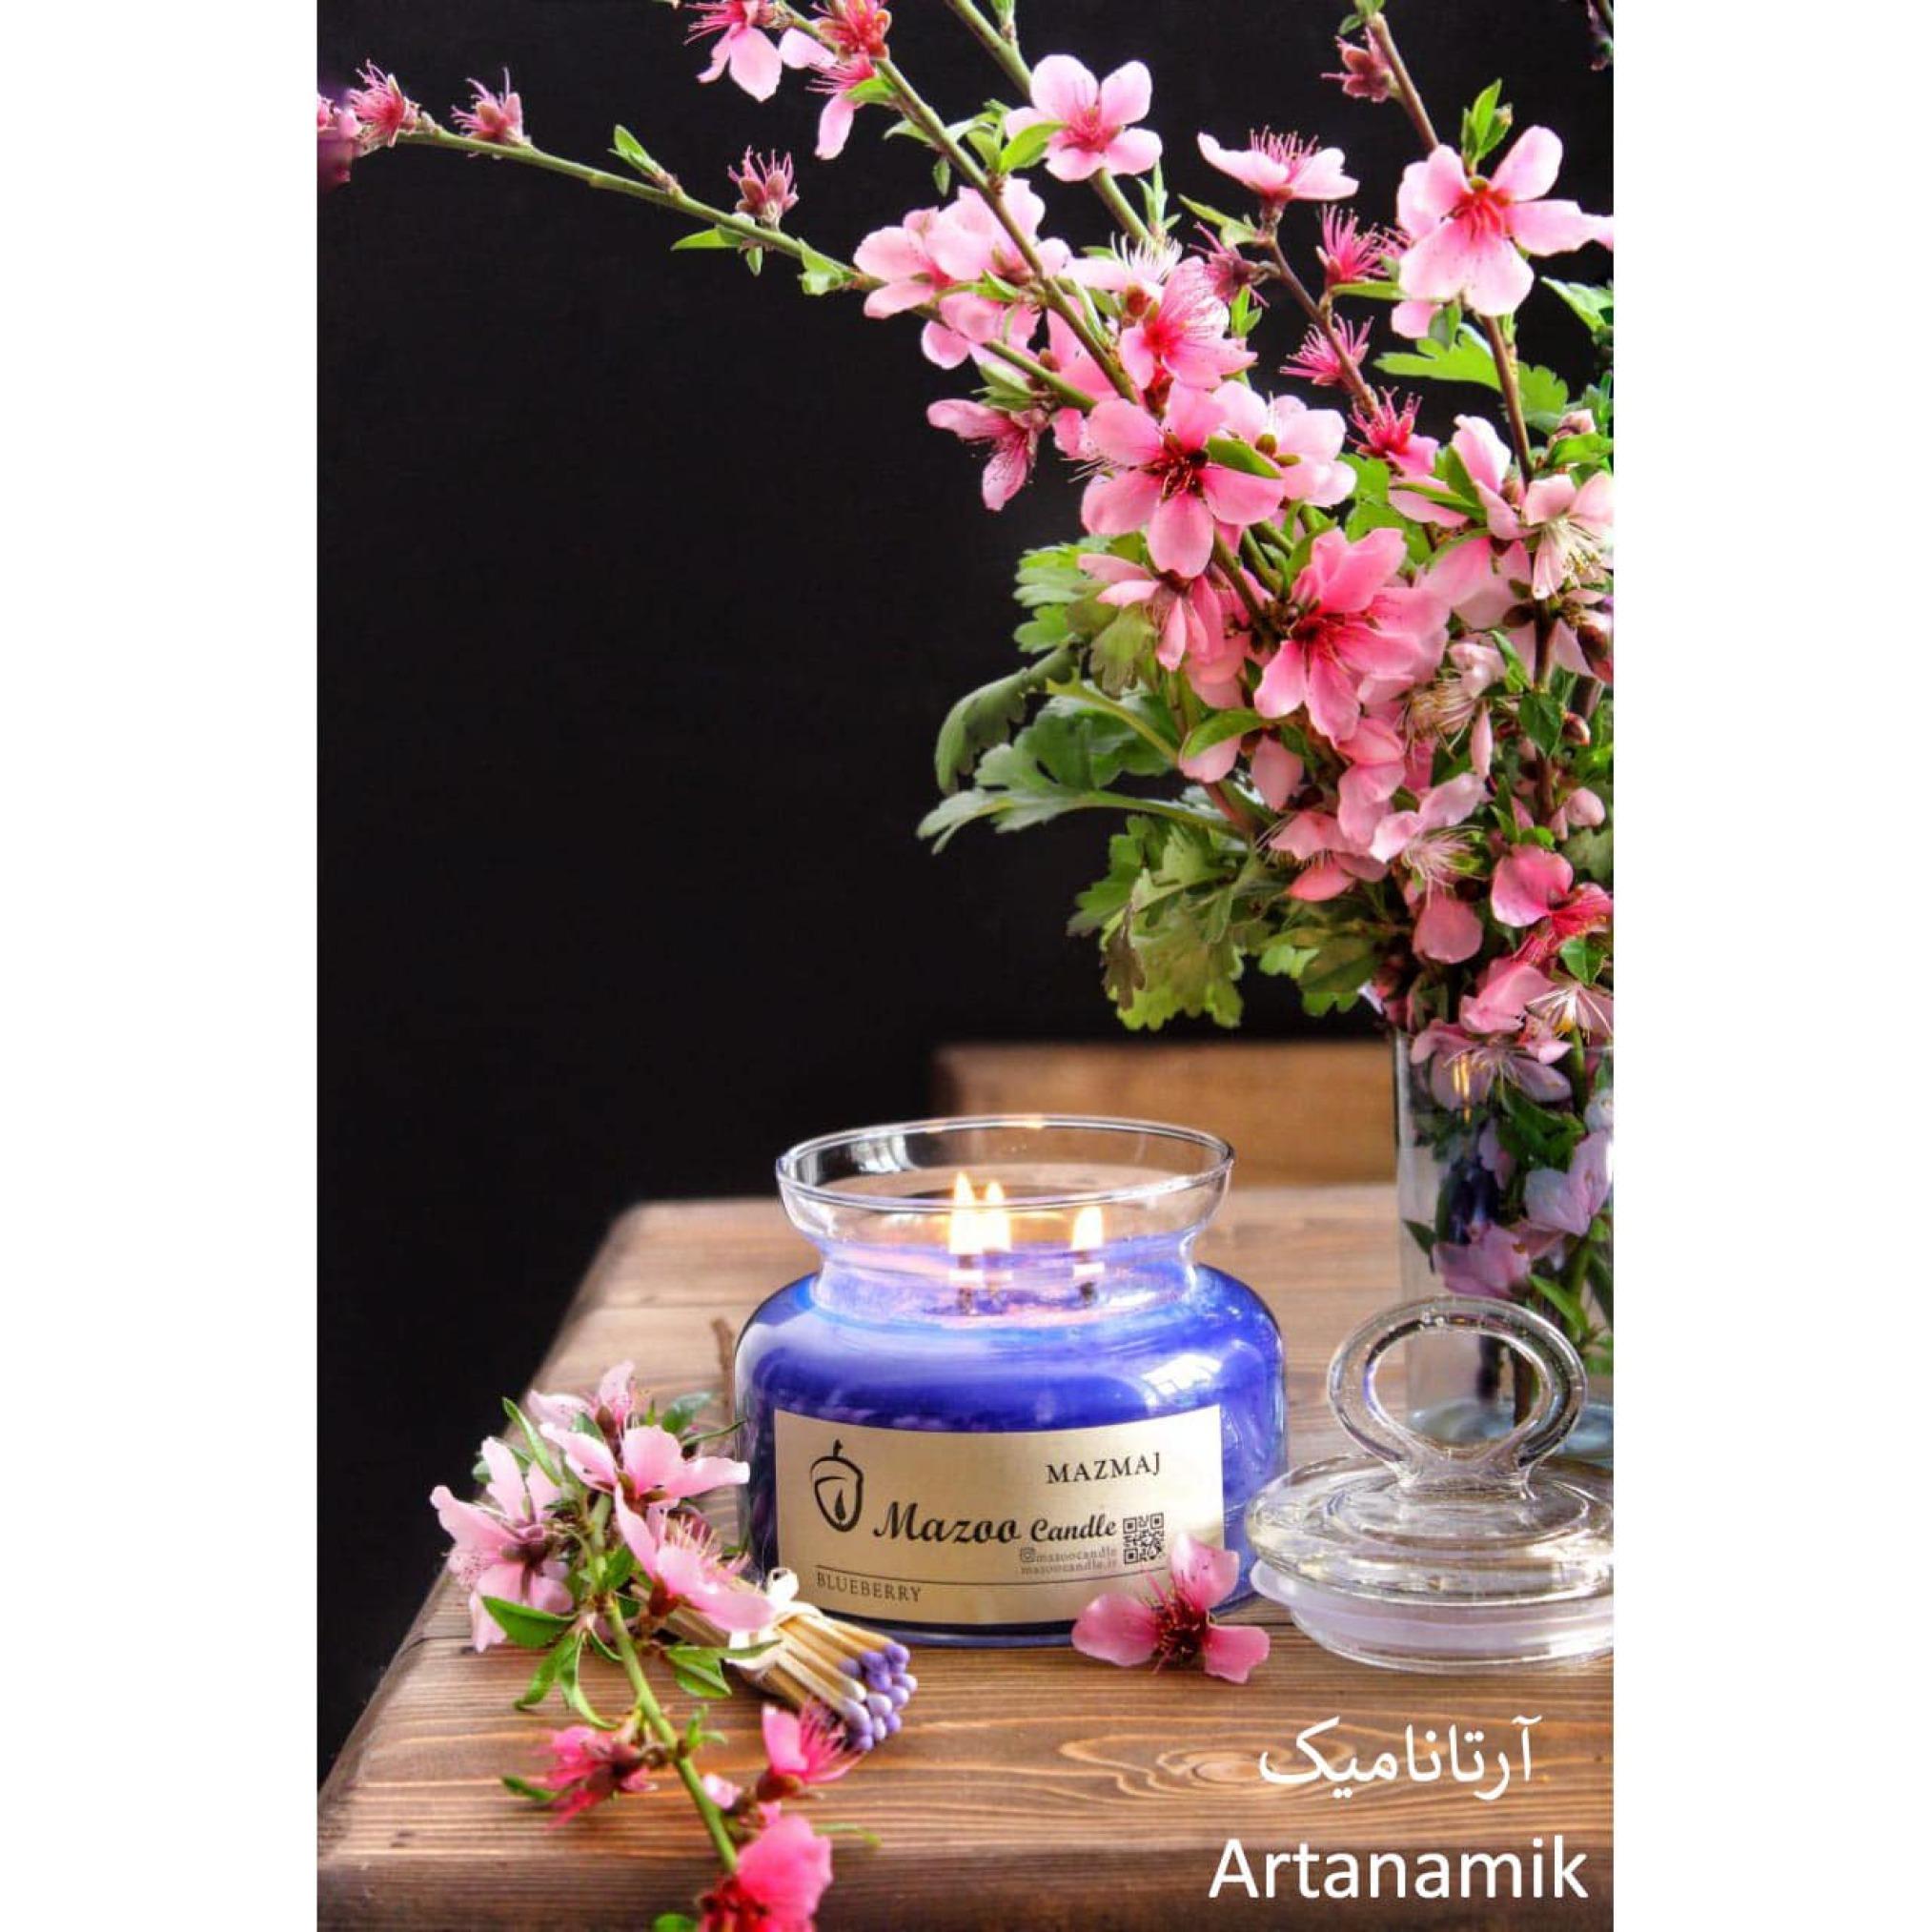 خرید شمع معطر با رنگ ها و رایحه های مختلف، شمع با کیفیت، شمع دکوری، شمع کادویی